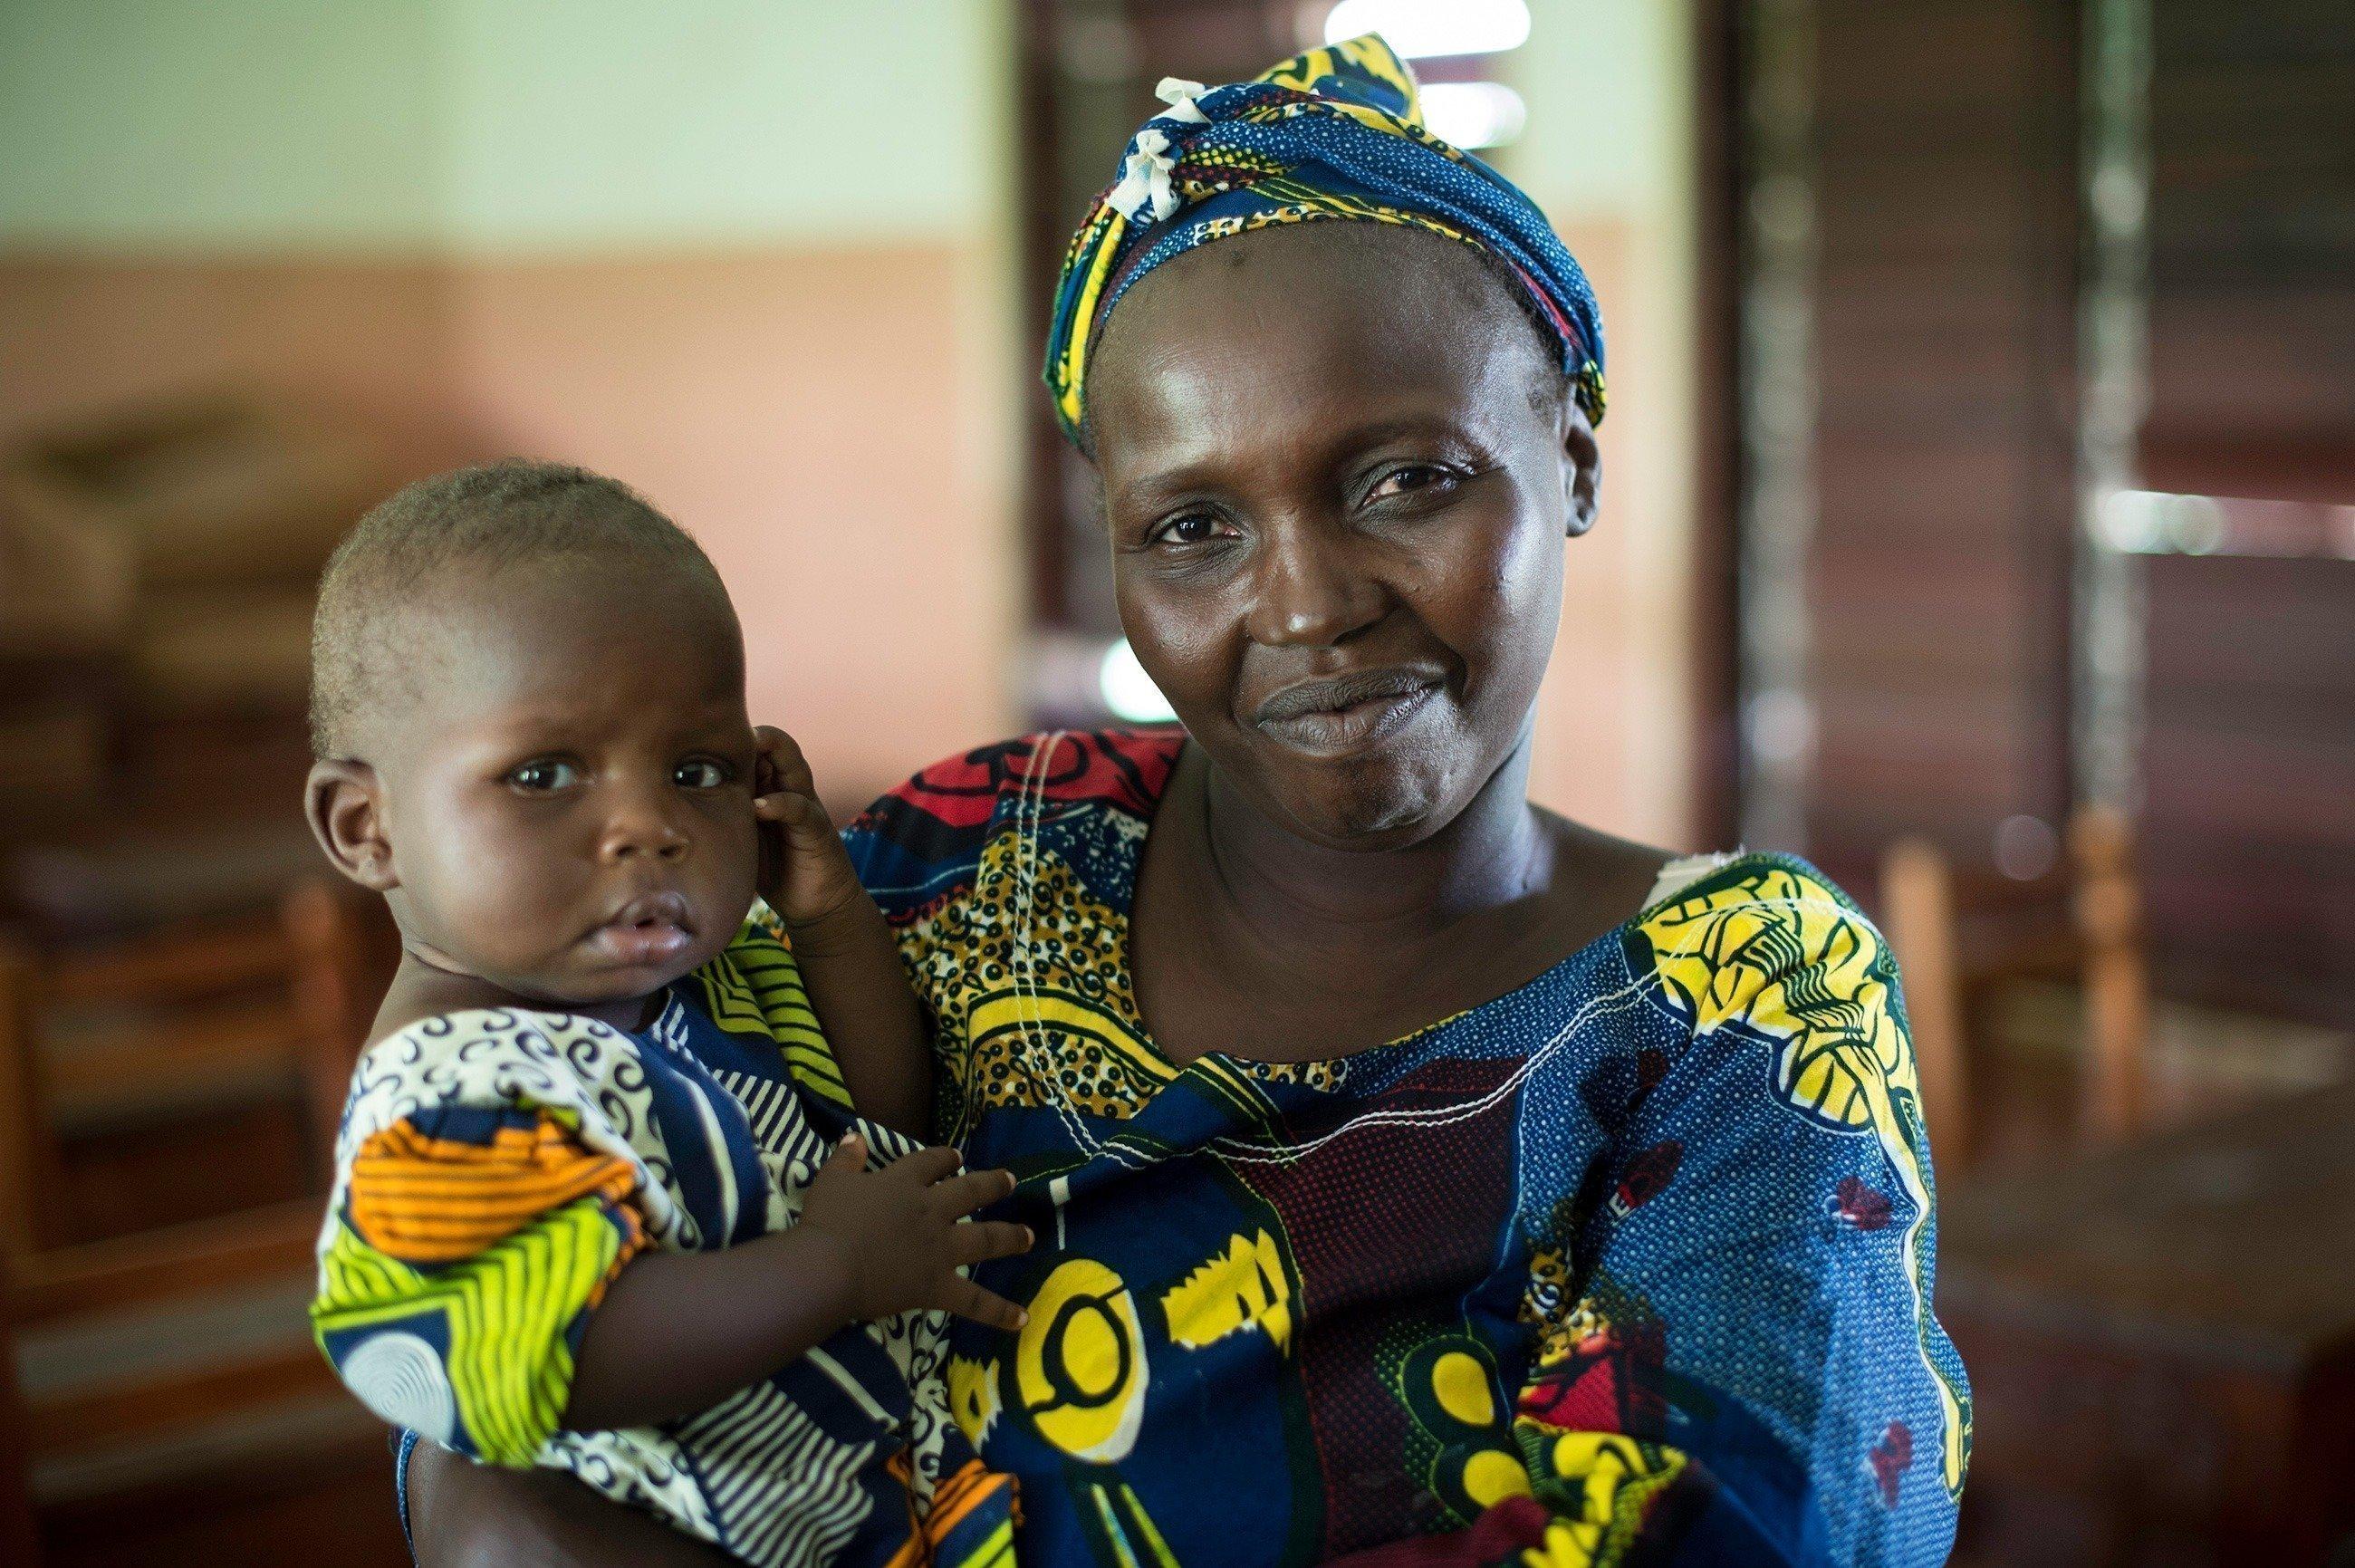 SOS-Kinderdorf Mutter mit einem Kind auf dem Arm.